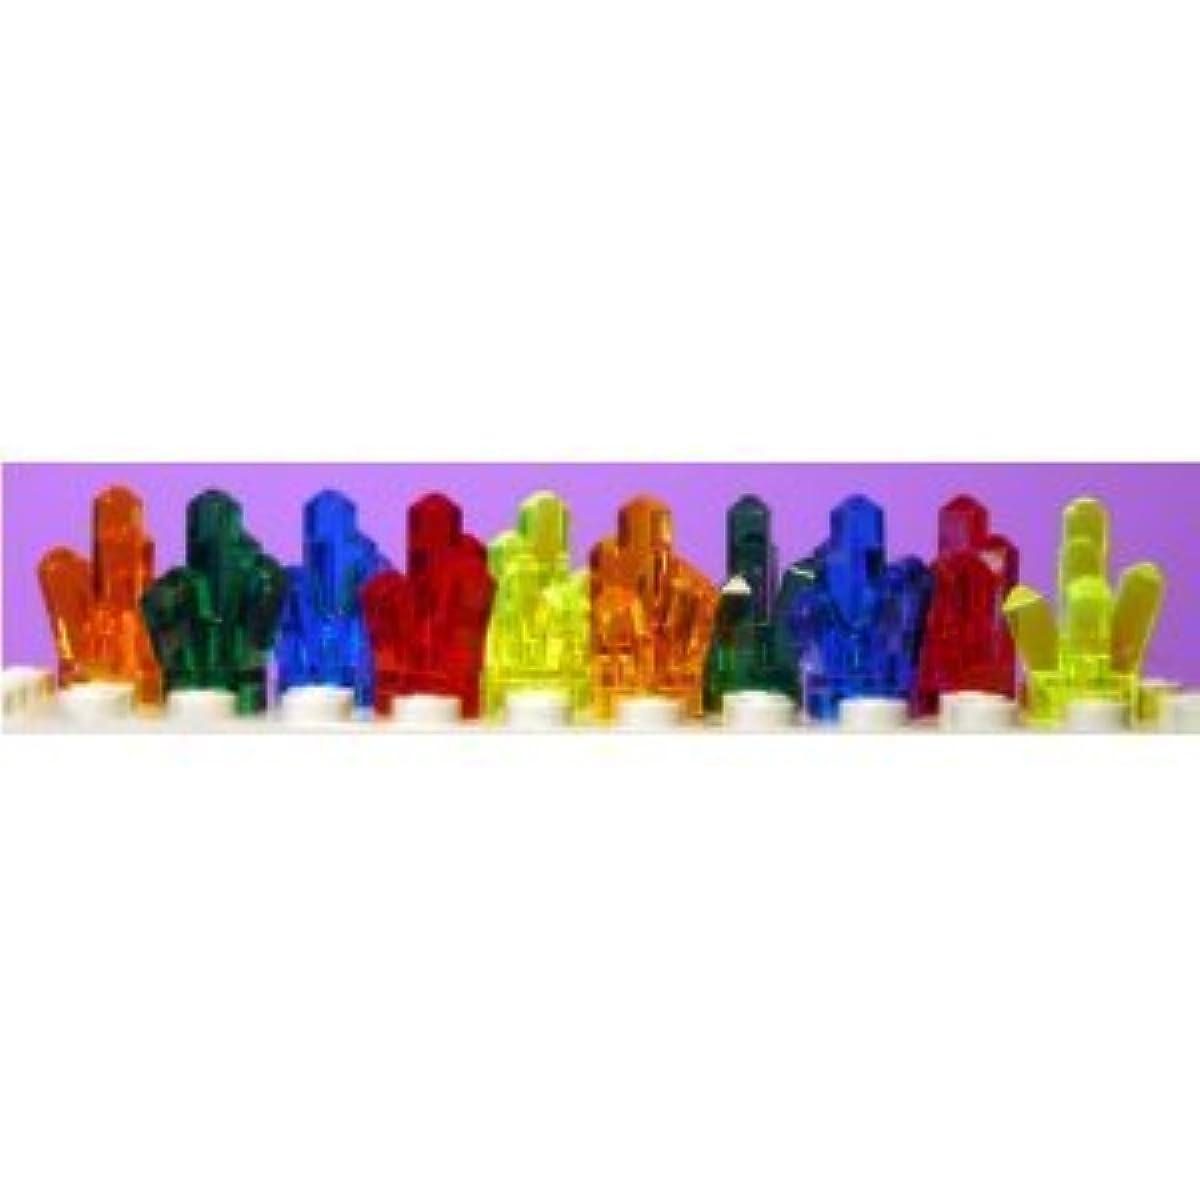 [해외] LEGO POWER MINERS 10 CRYSTALS IN 5 DIFRENT COULORS-